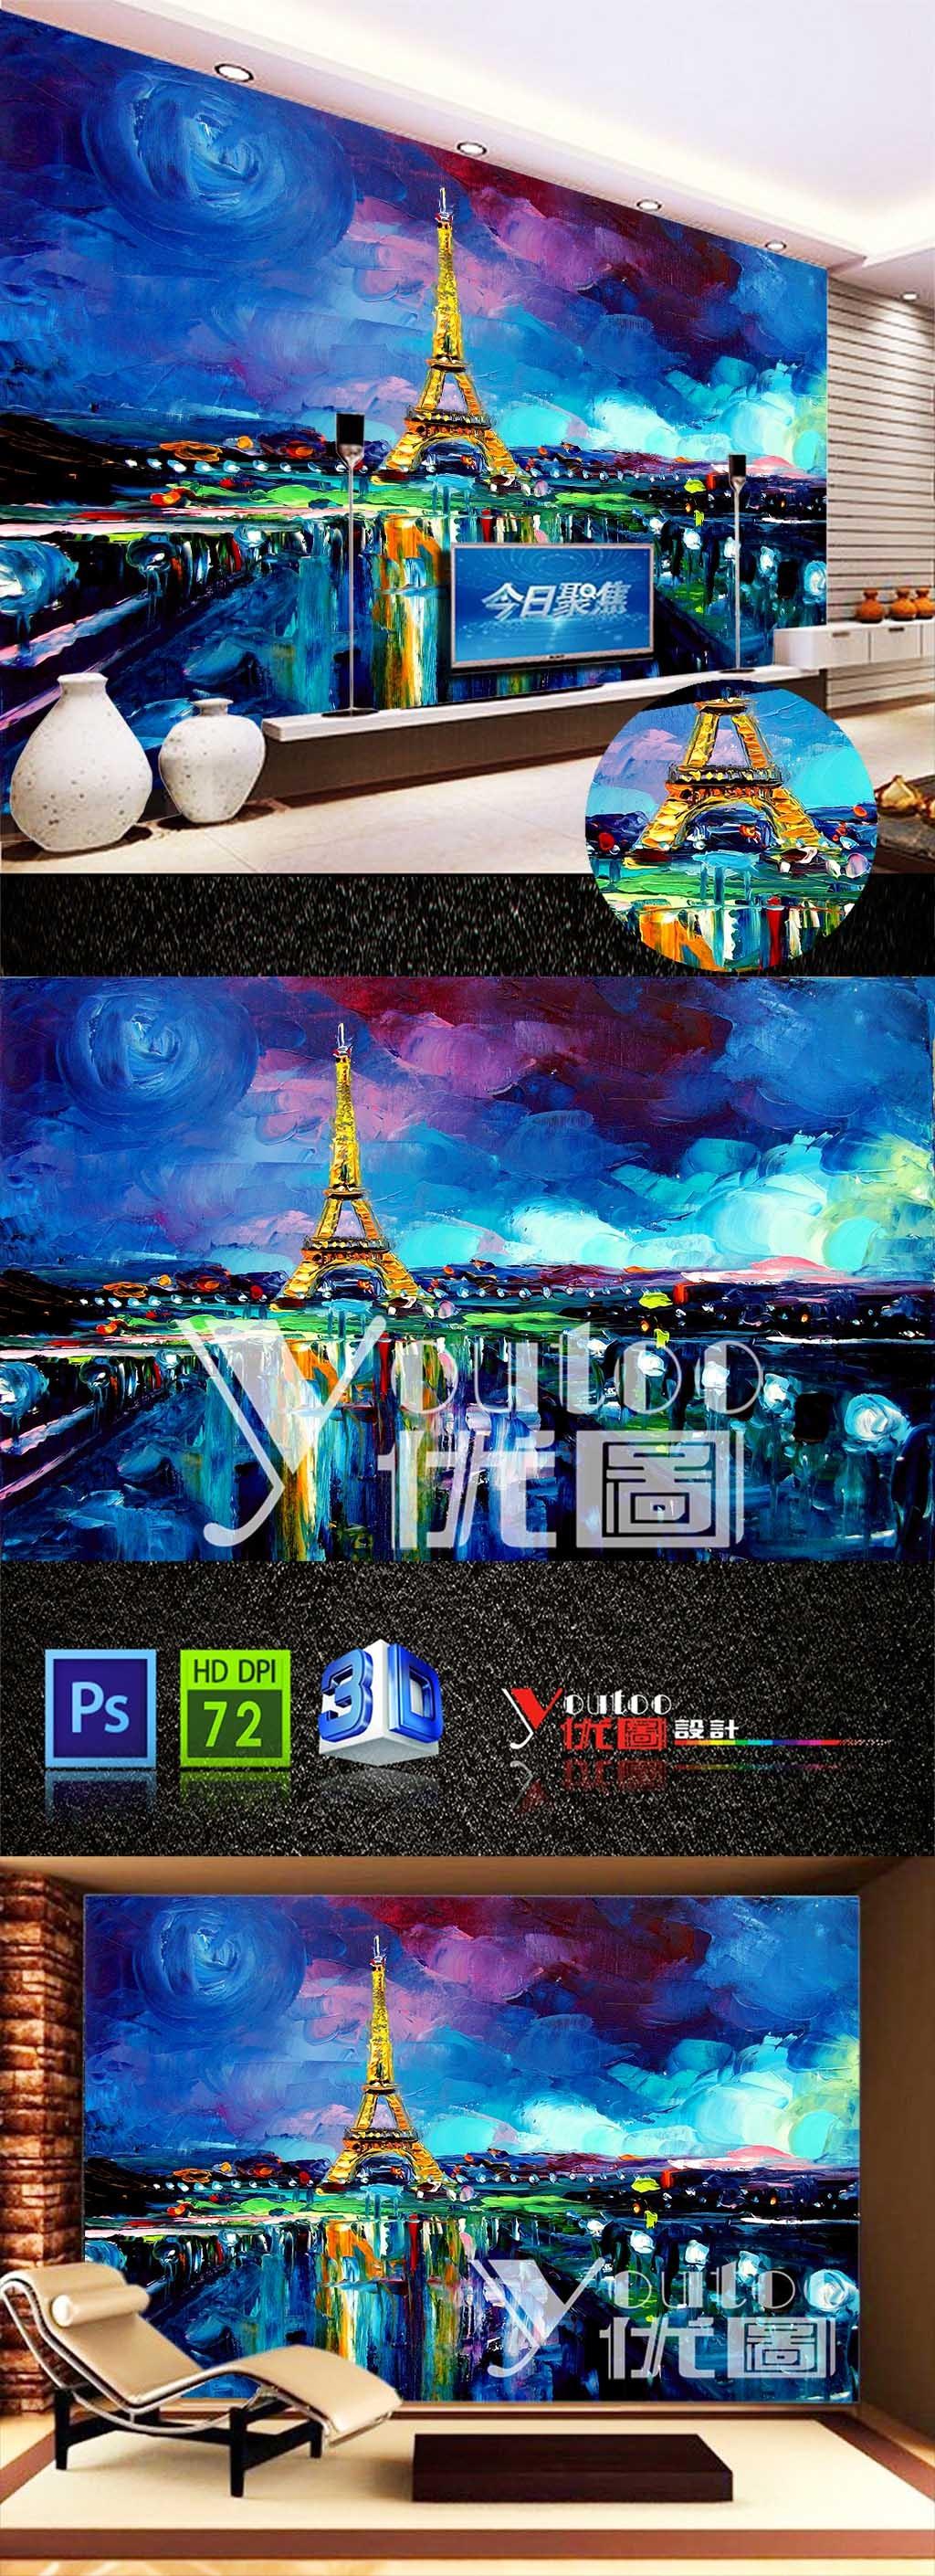 立体油画巴黎夜景手绘电视背景墙图片下载